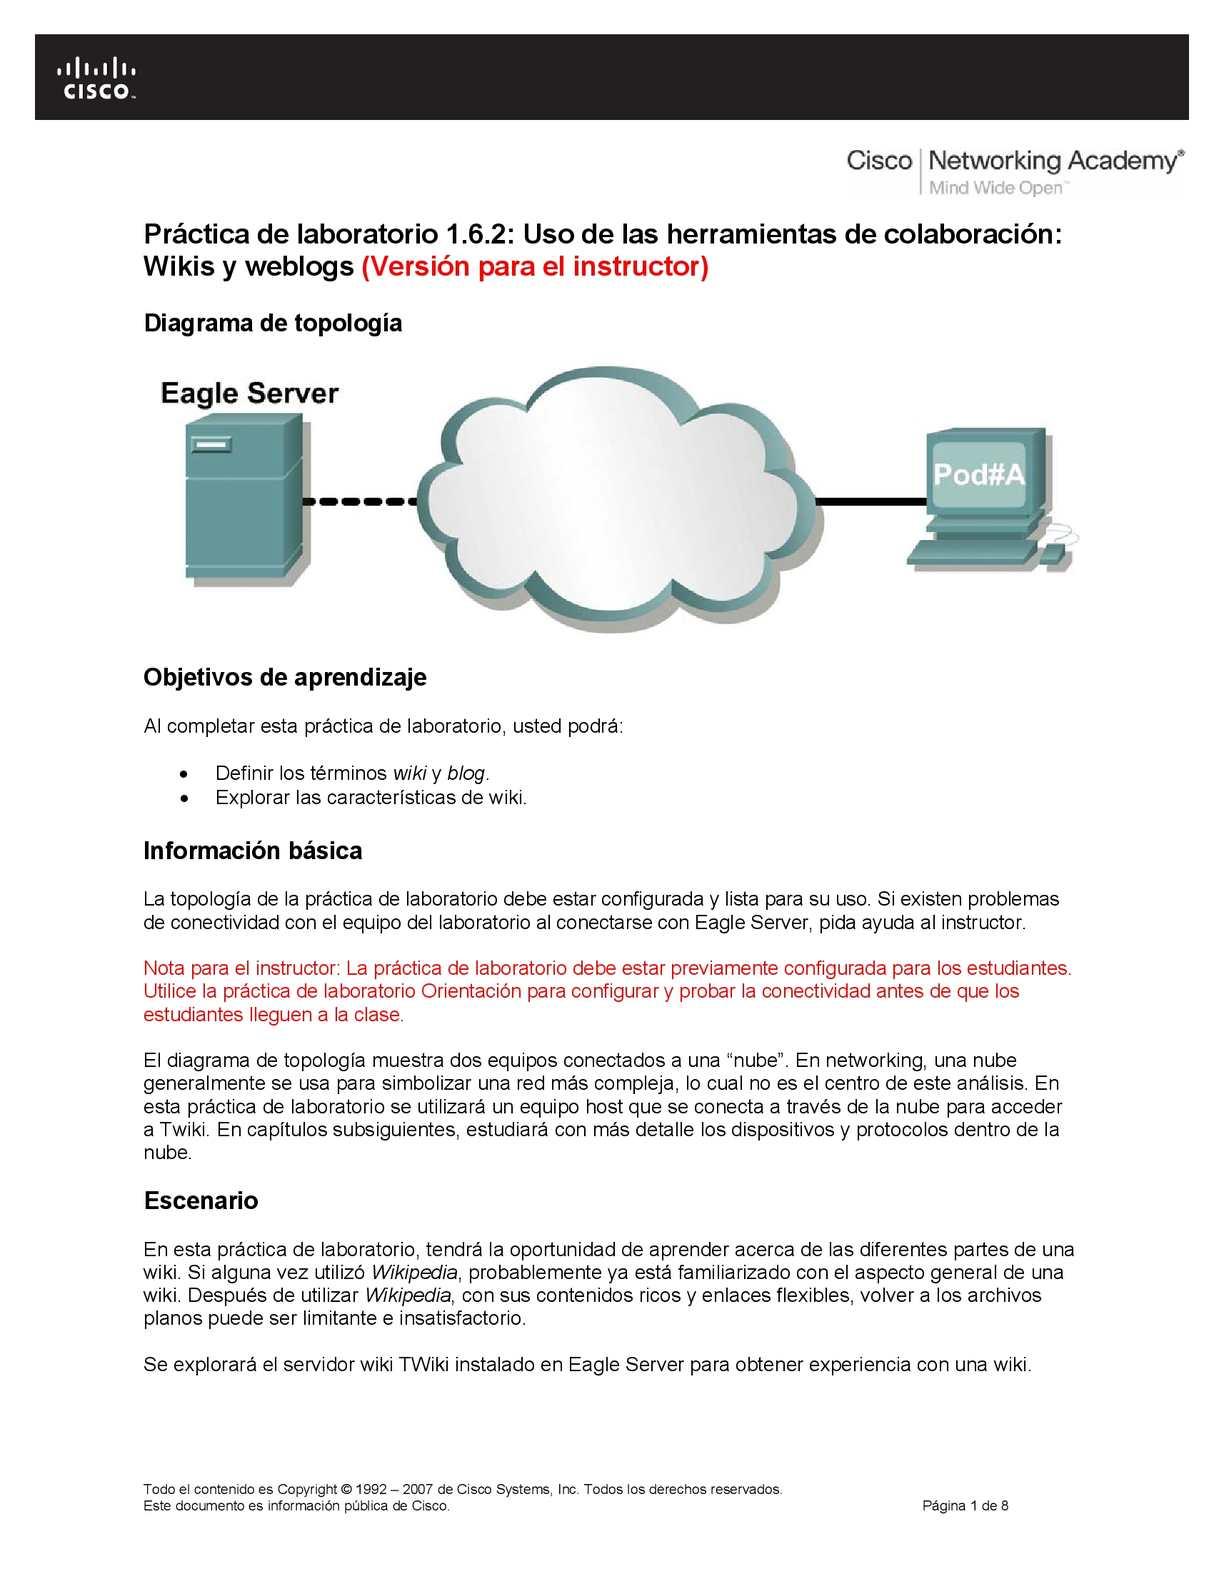 Formatos De Cisco Resueltos Calameo Downloader Free Body Diagram Diagrama Cuerpo Libre Page 18